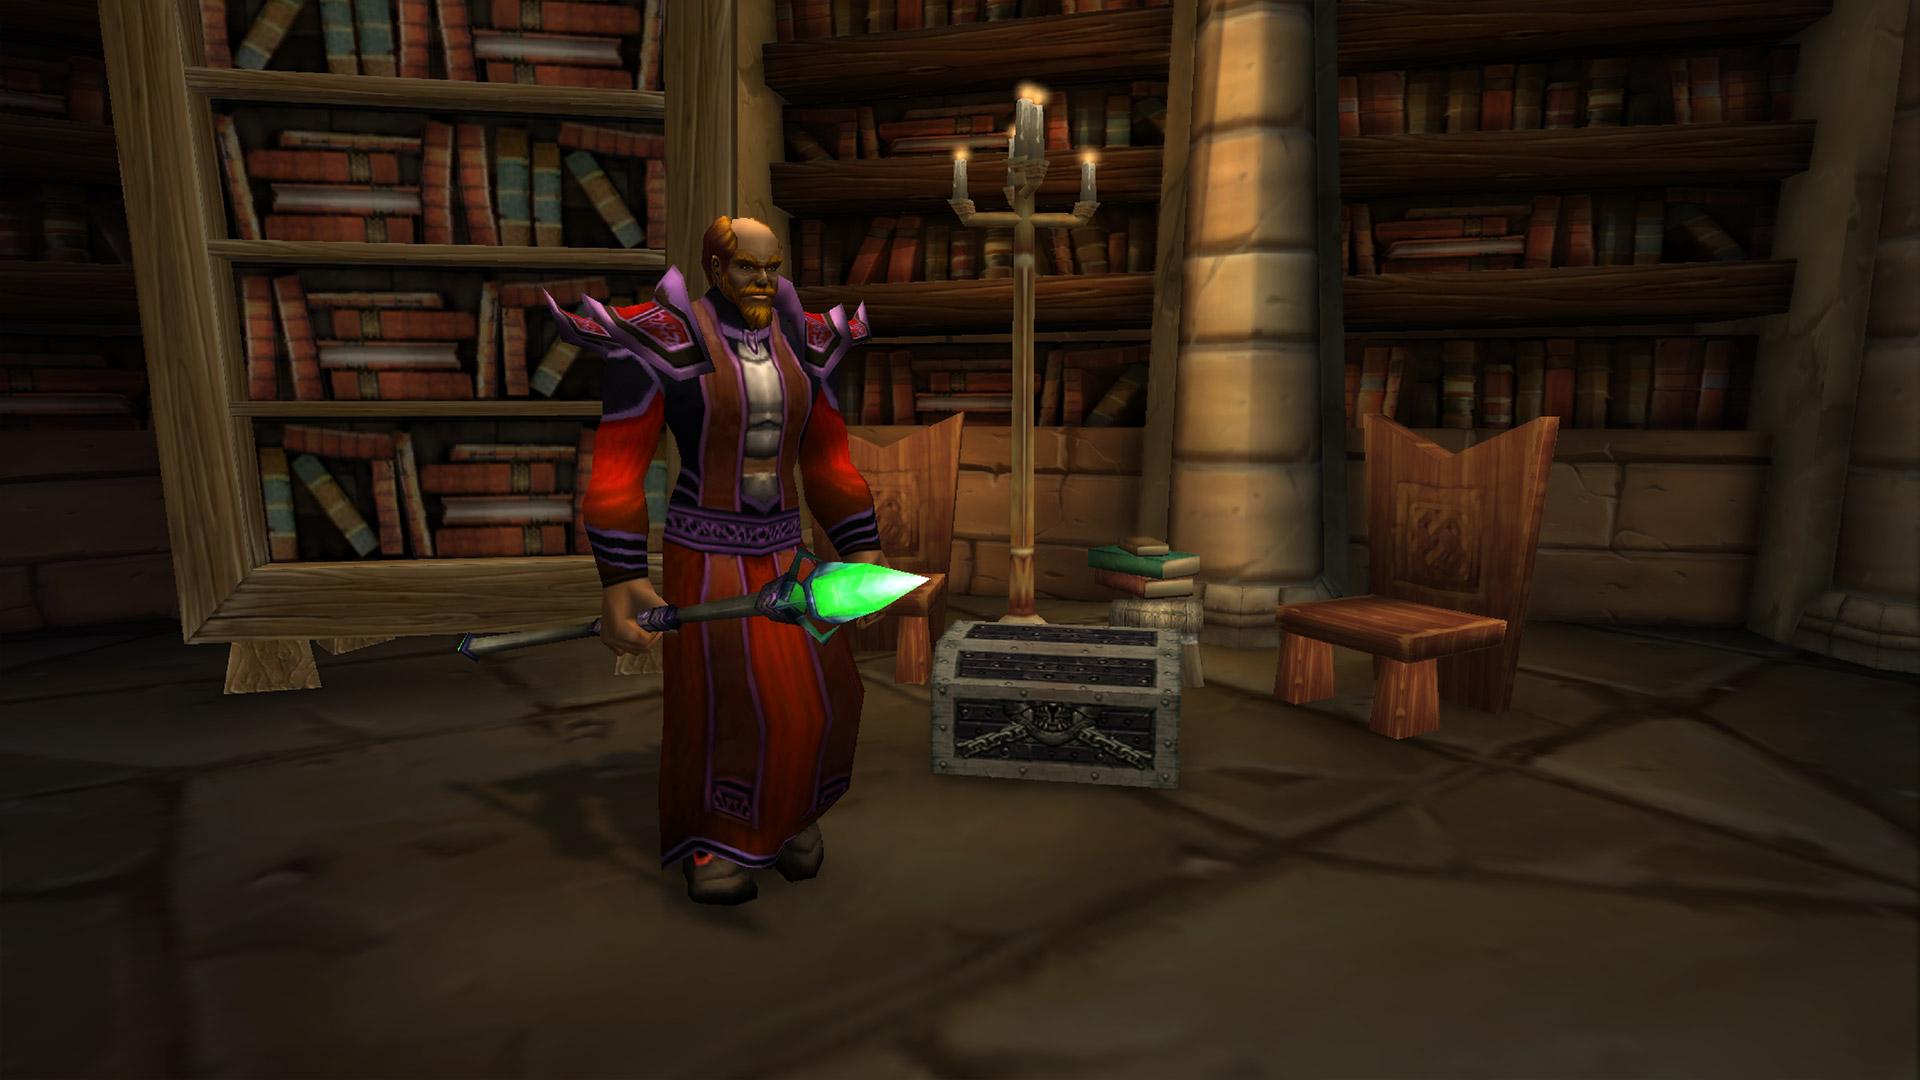 Le coffre de l'Arcaniste Doan se trouve au fond de la salle